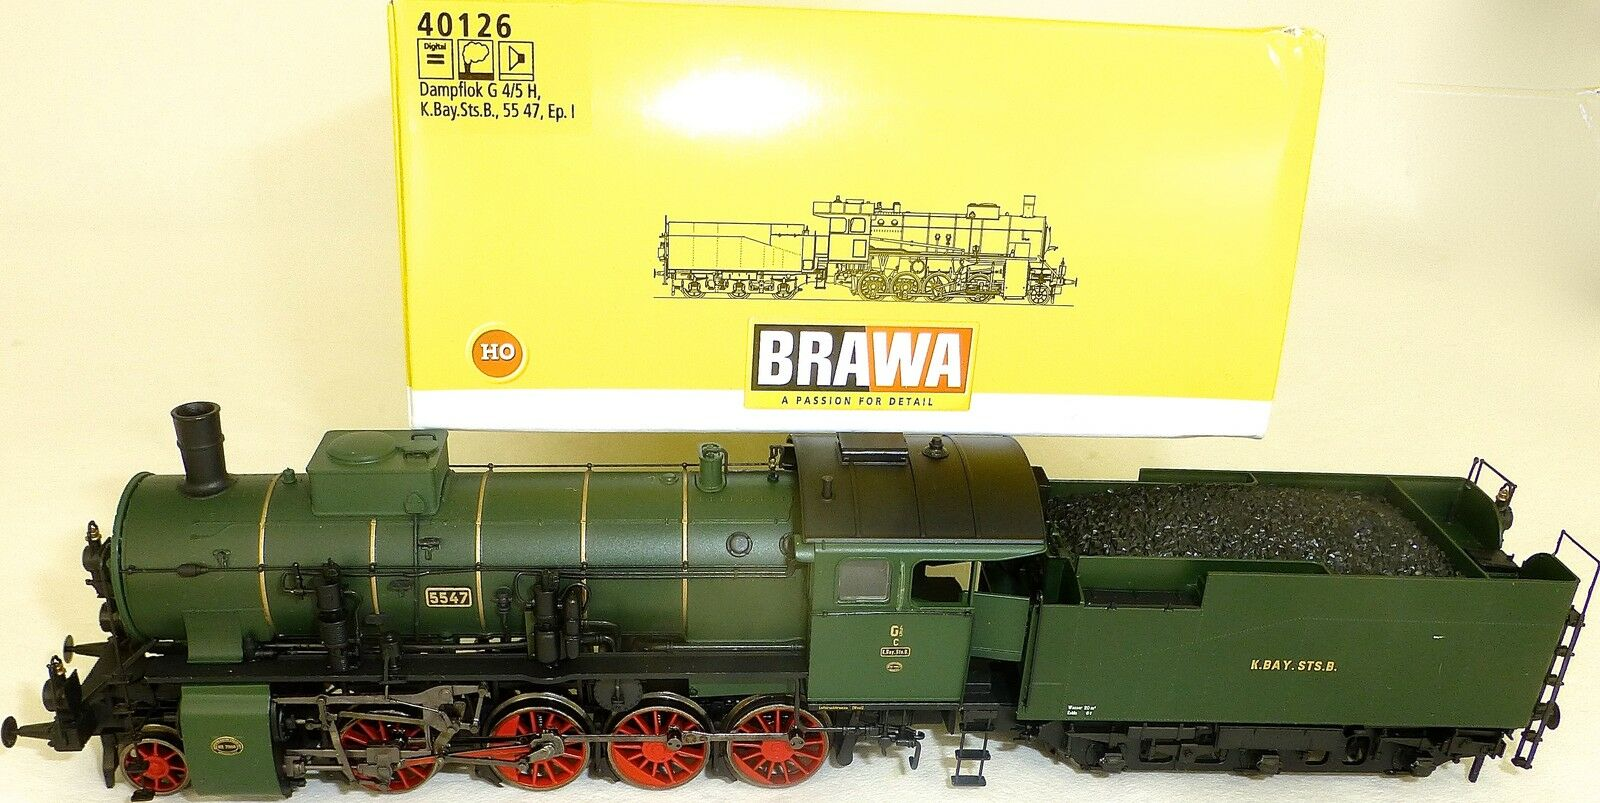 Br G 4 5 H le le Locomotive à Vapeur Son Numérique Vapeur Brawa 40126 H0